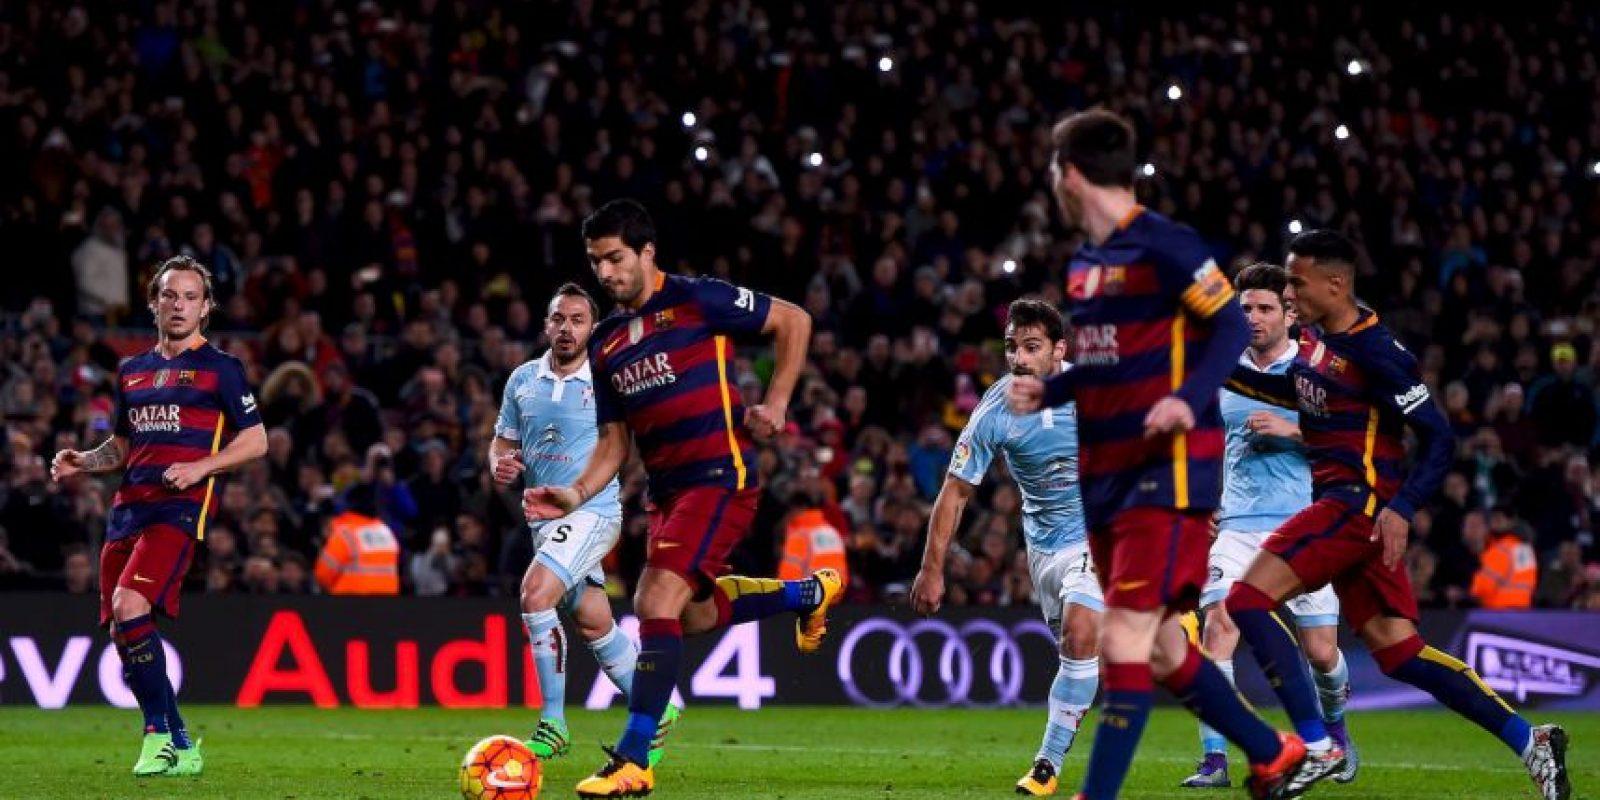 El charrúa solo tuvo que empujar el balón Foto:Getty Images